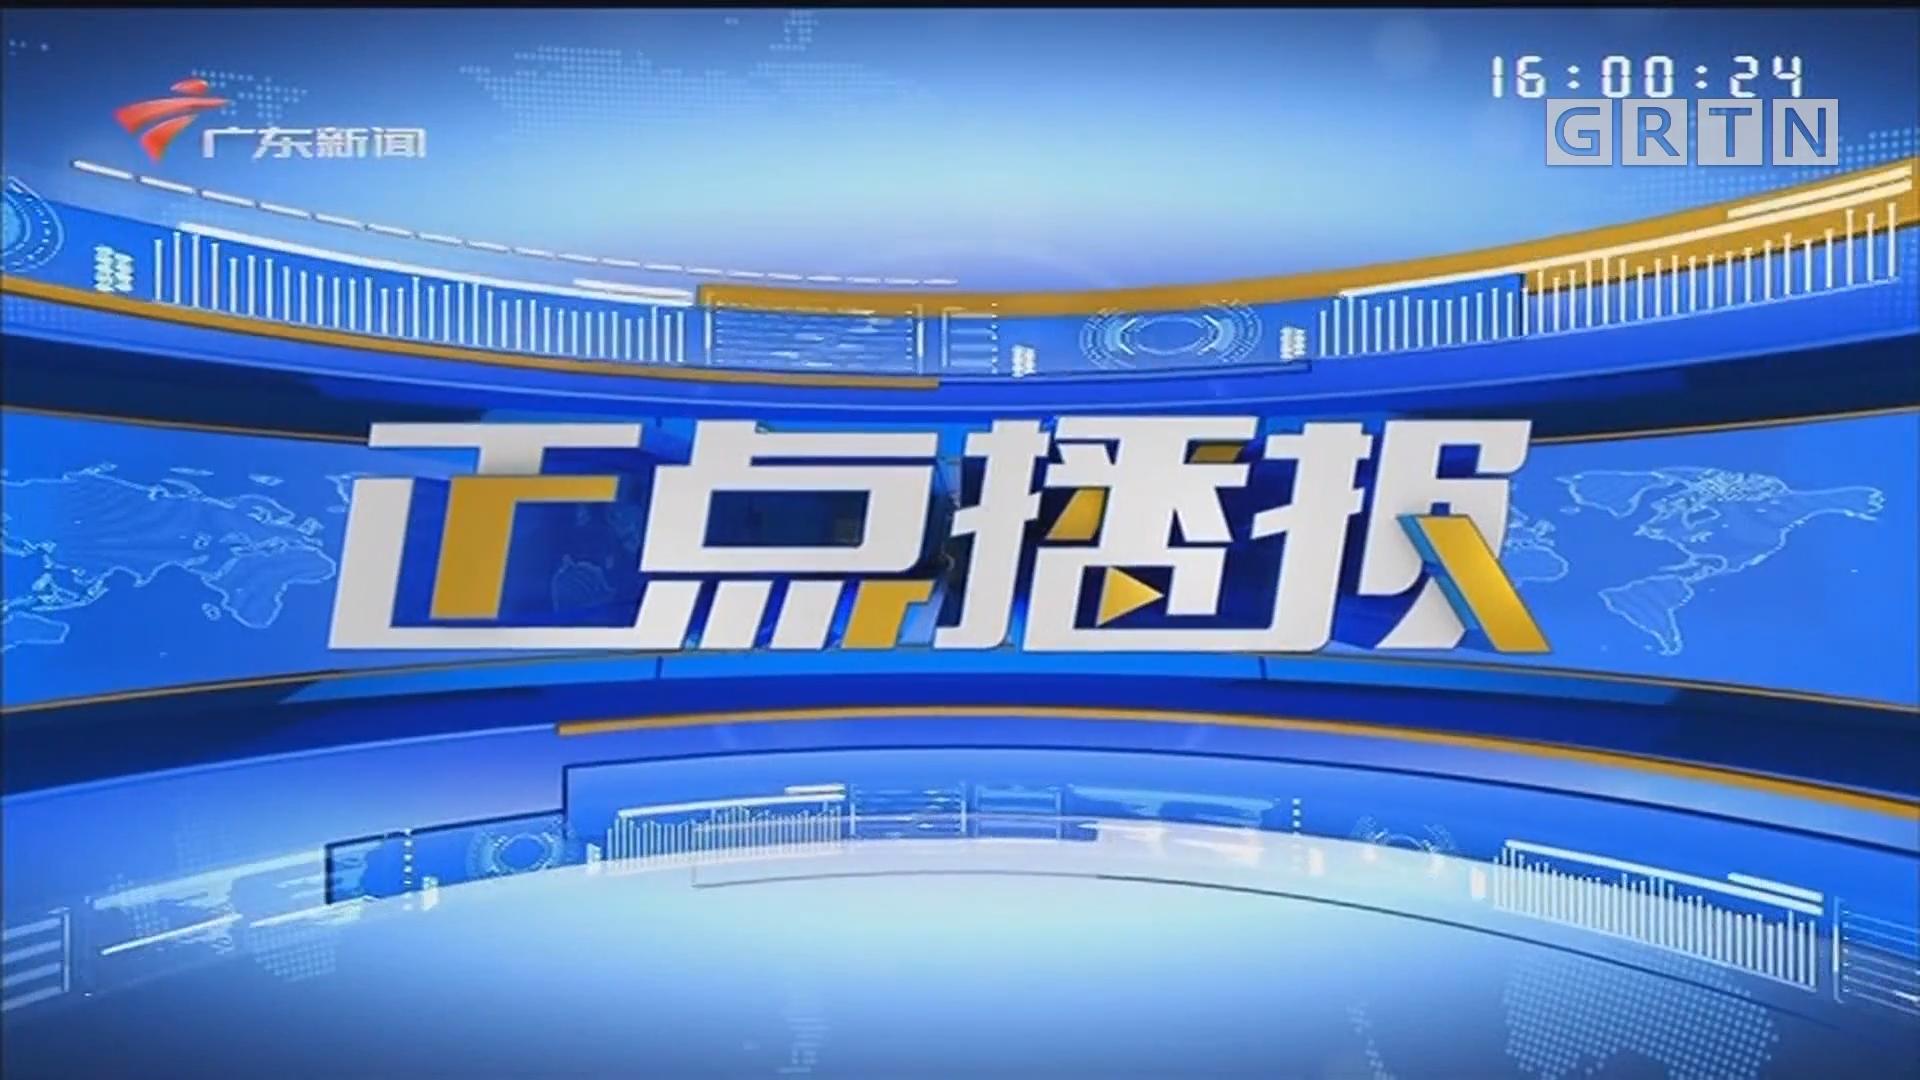 [HD][2020-02-02-16:00]正点播报:广州南站:实行24小时防疫值班 确保100%旅客测体温